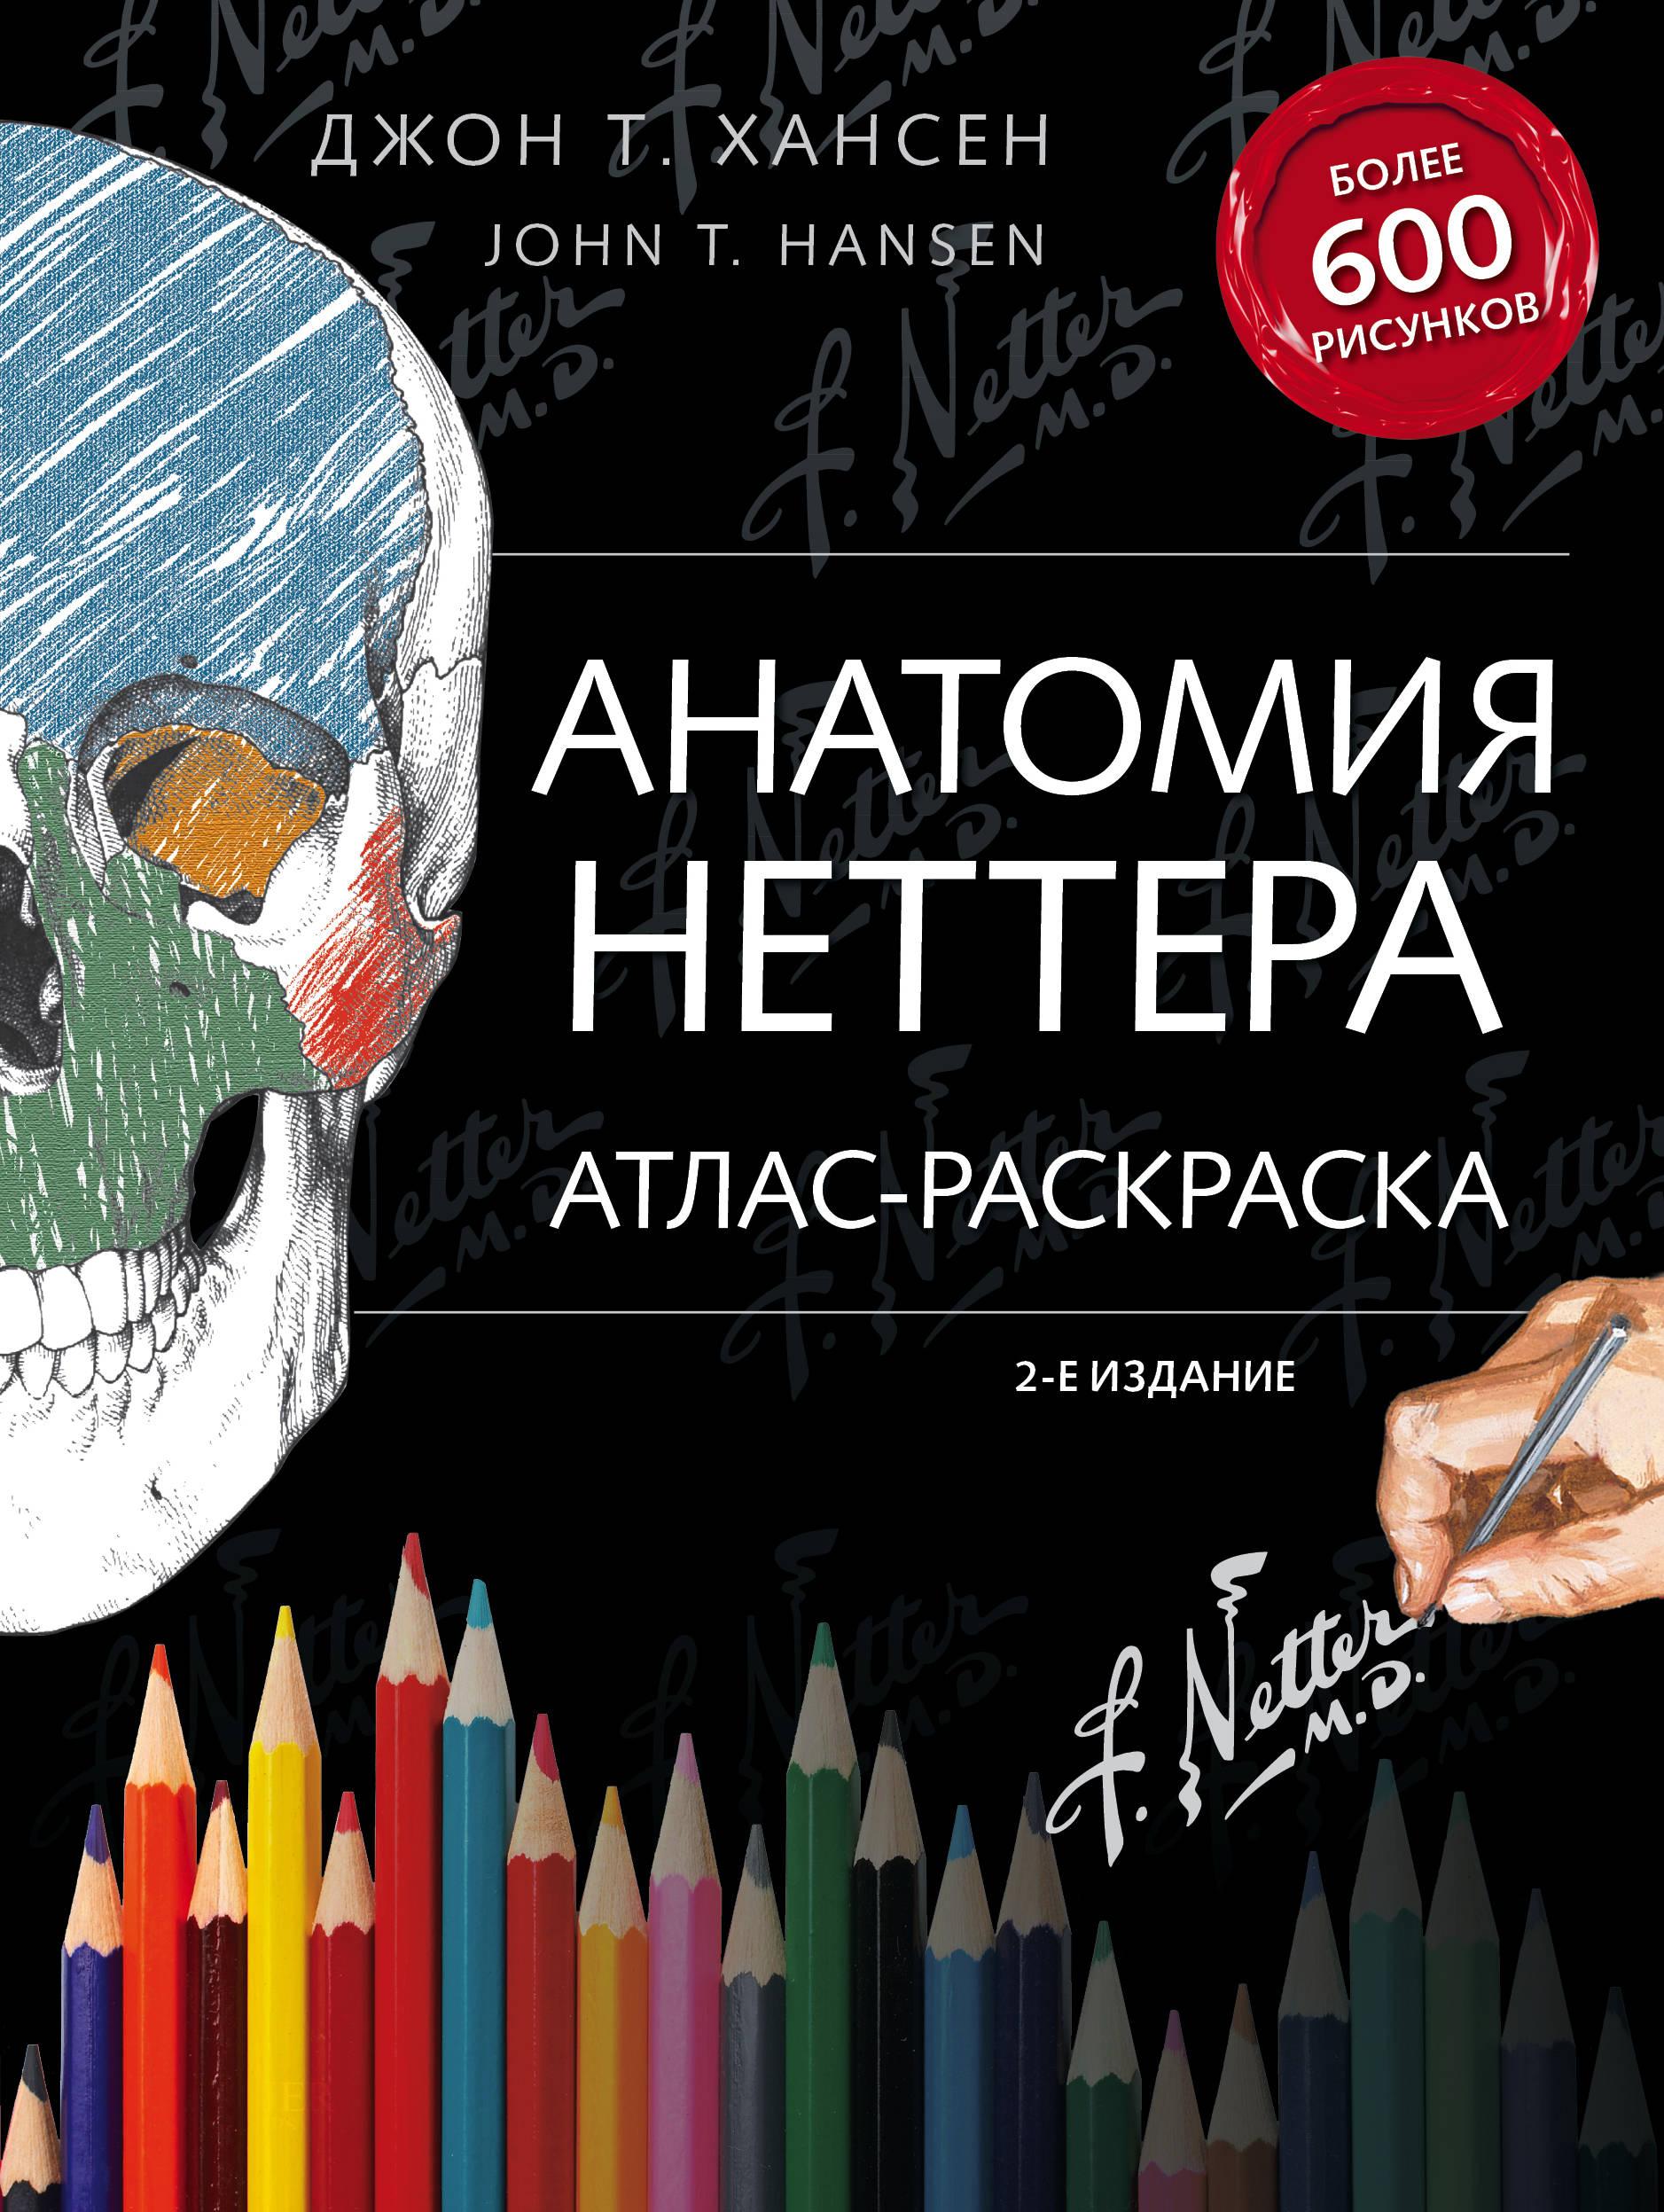 Джон Т. Хансен Анатомия Неттера. Атлас-раскраска шилкин в филимонов в анатомия по пирогову атлас анатомии человека том 1 верхняя конечность нижняя конечность cd